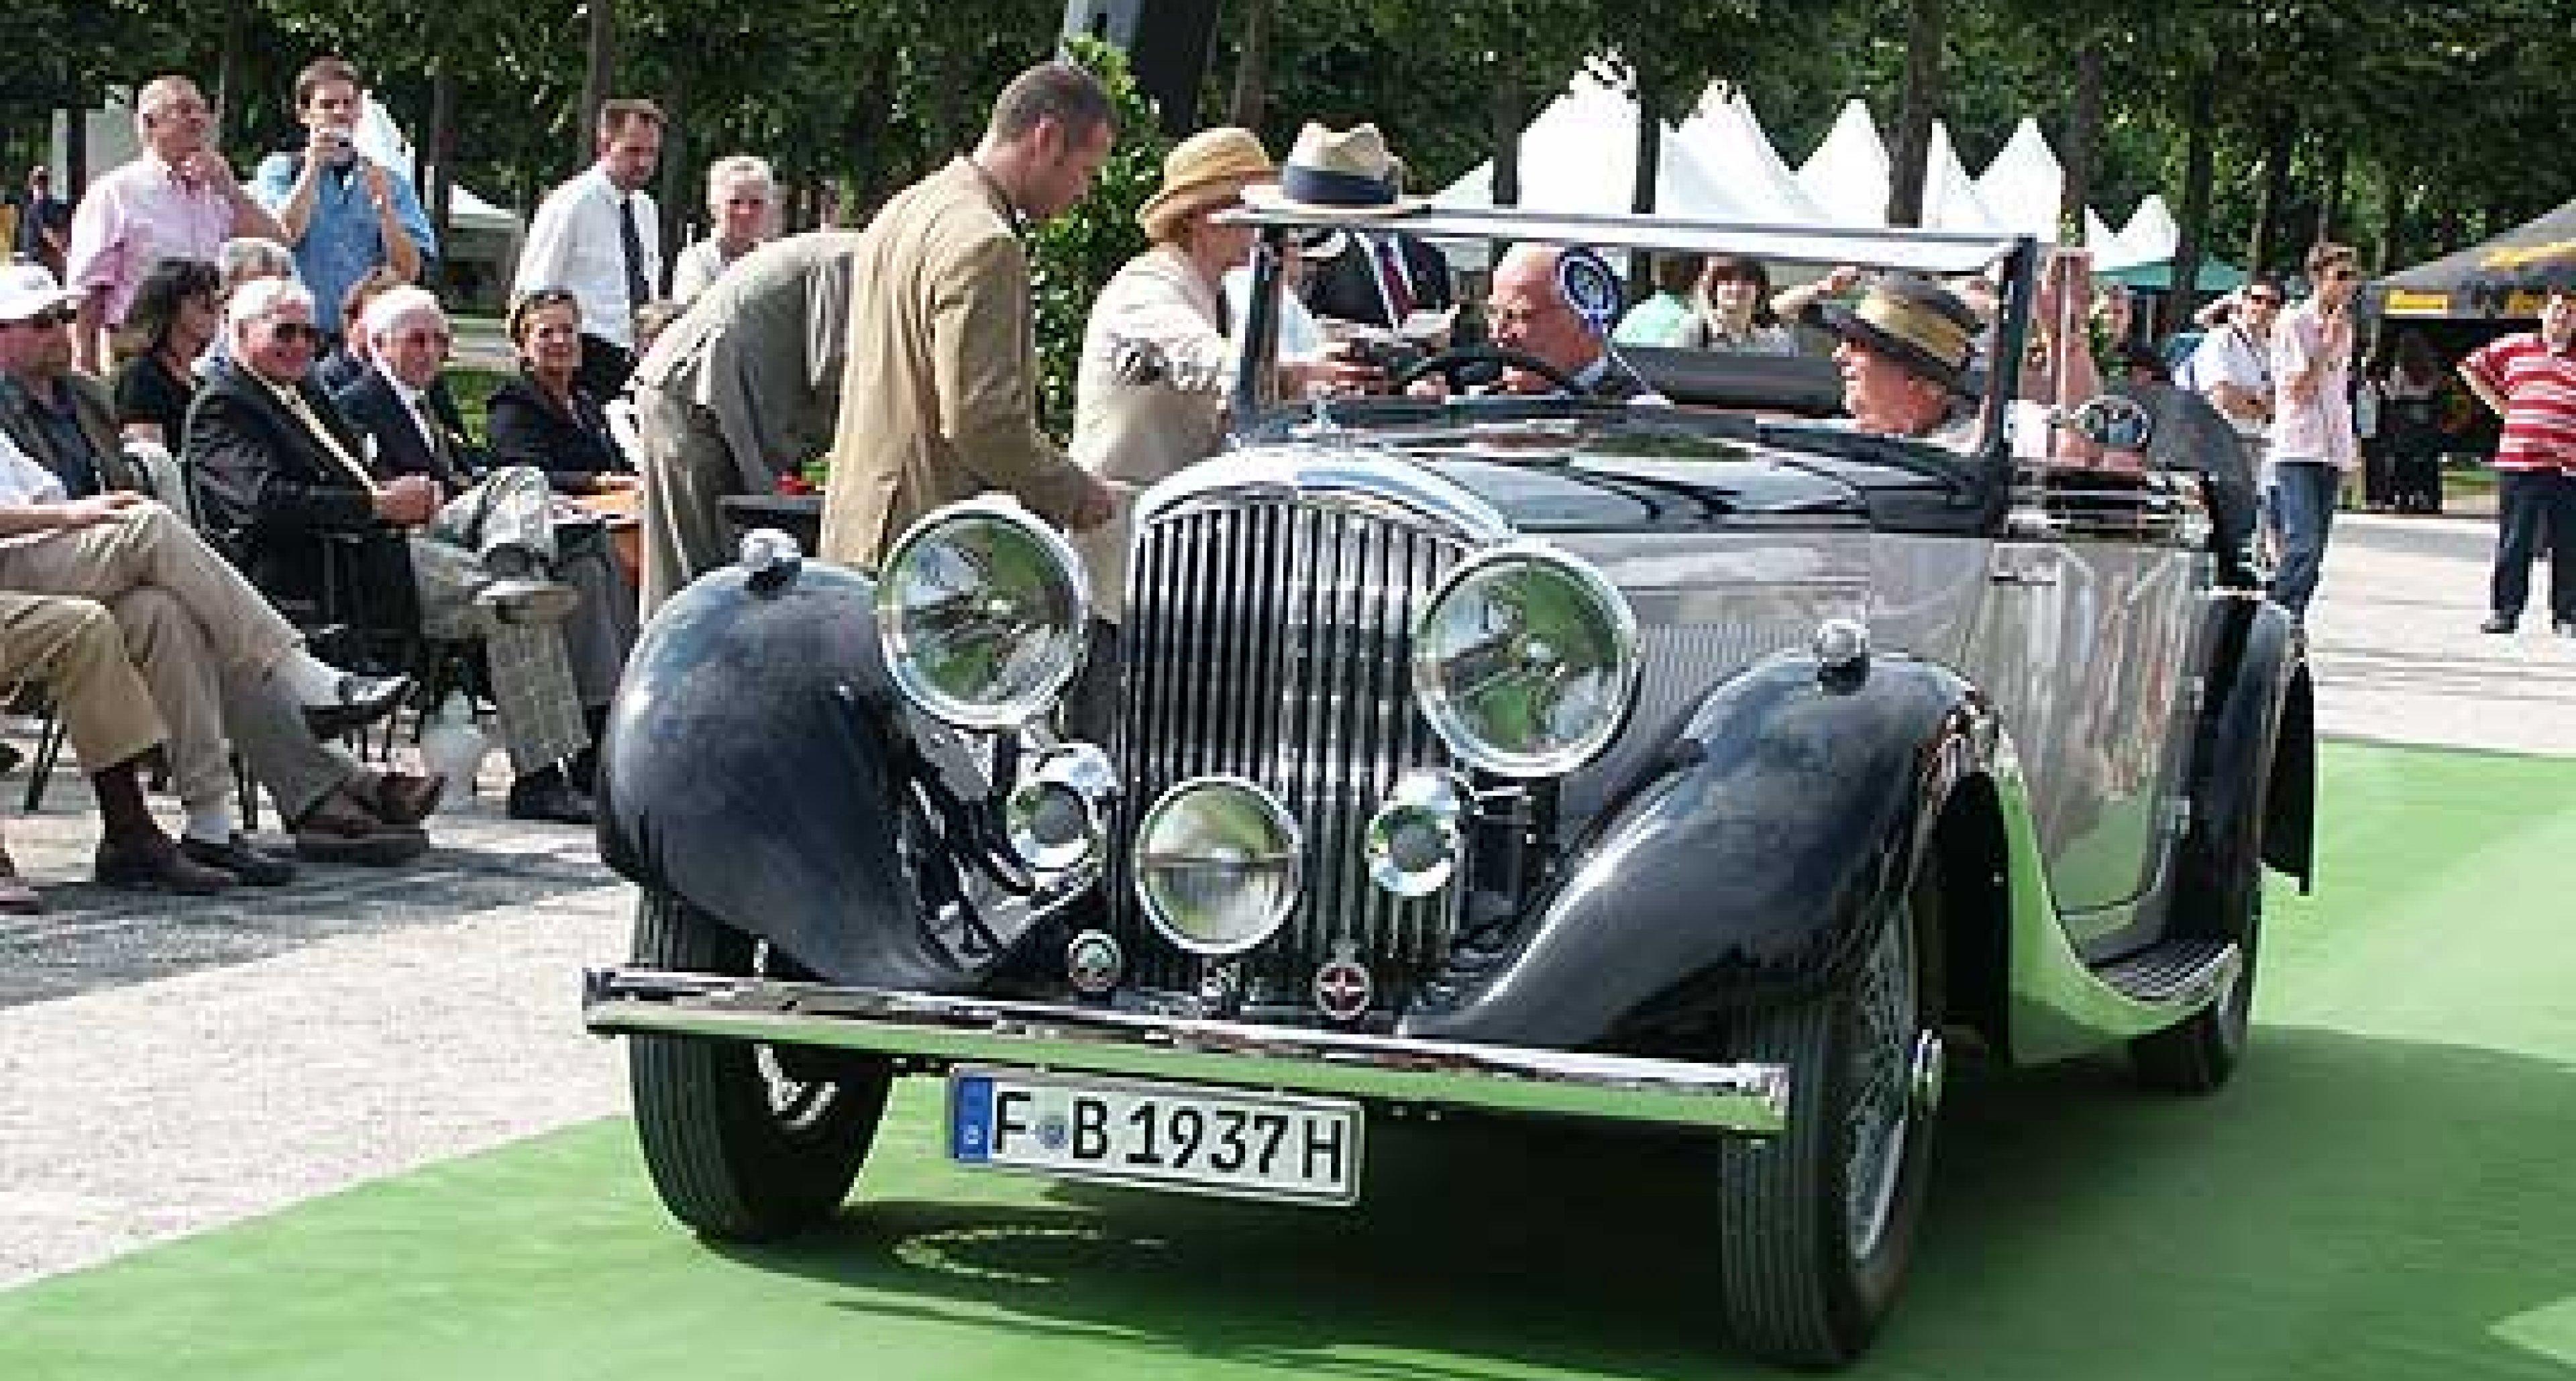 Vorschau European Concours d'Elegance 5. und 6. Juli 2003